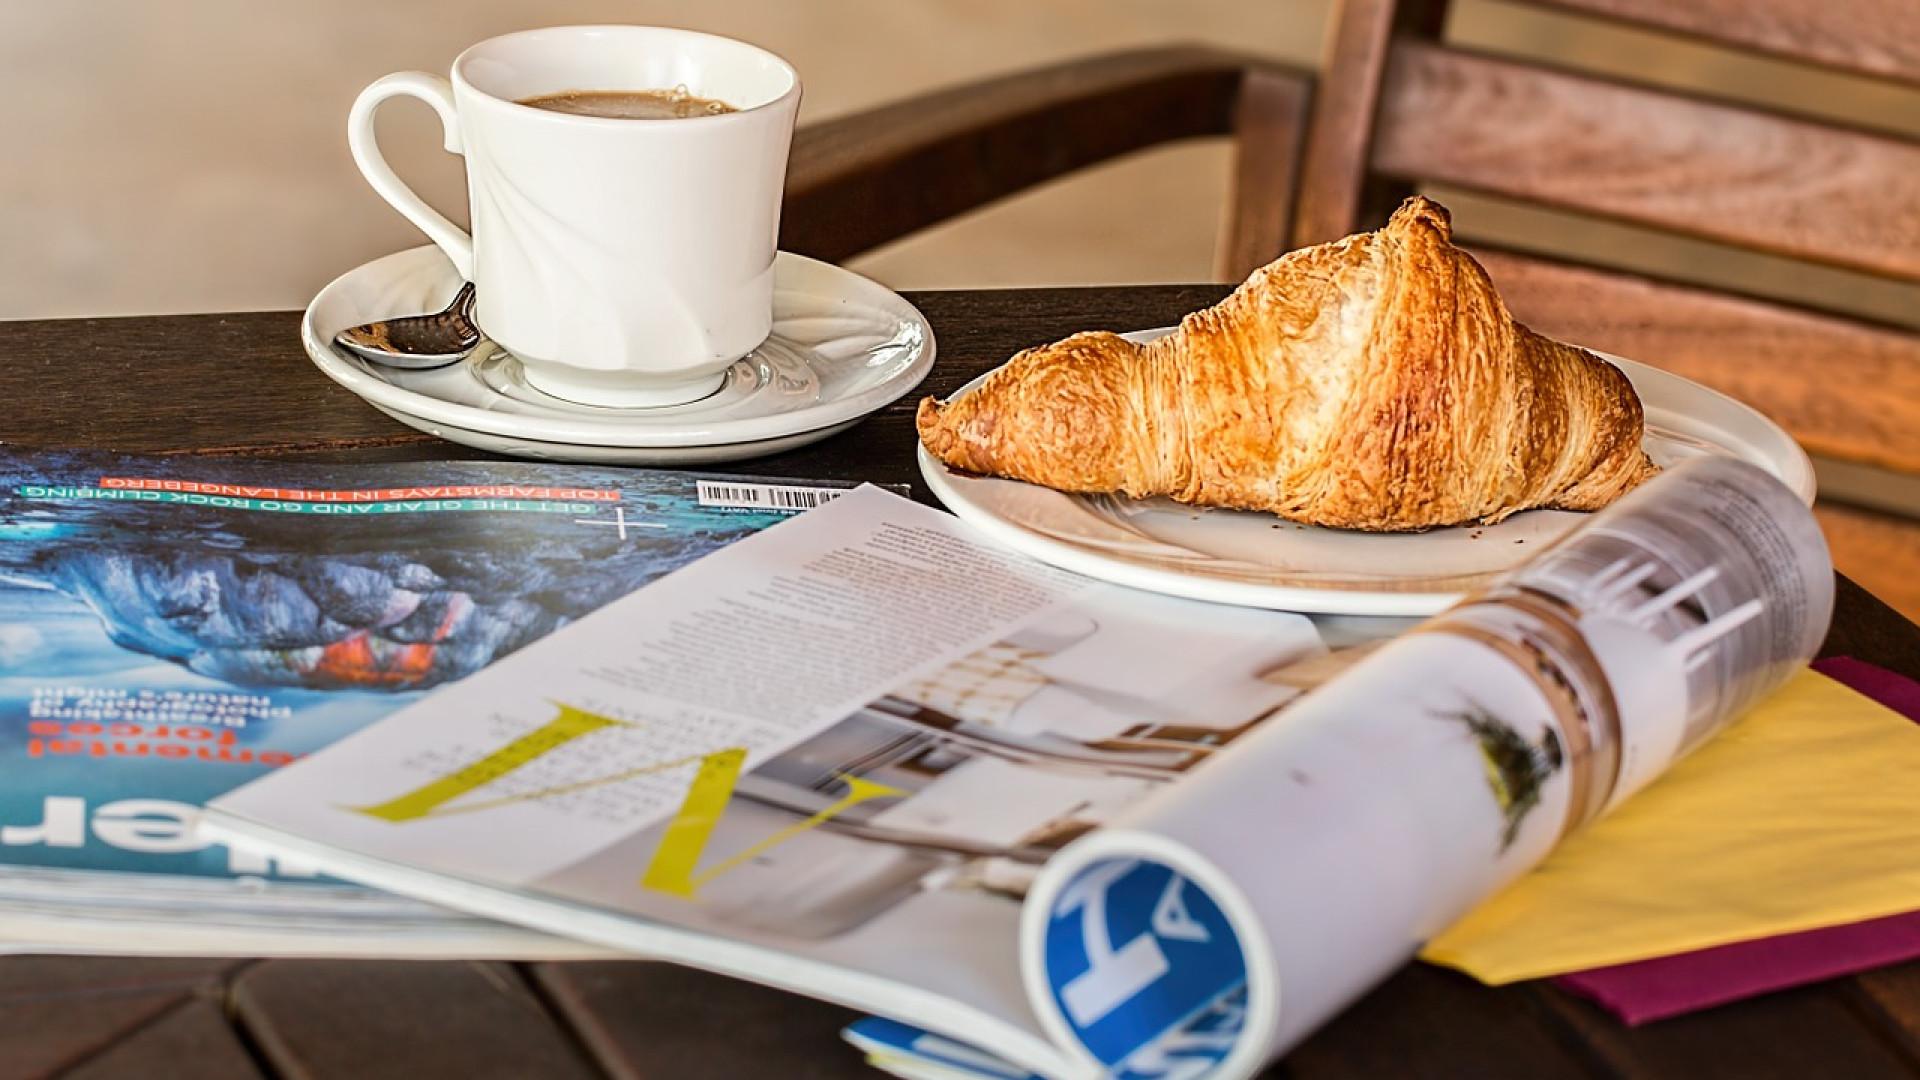 Commencez votre journée avec un bon petit-déjeuner